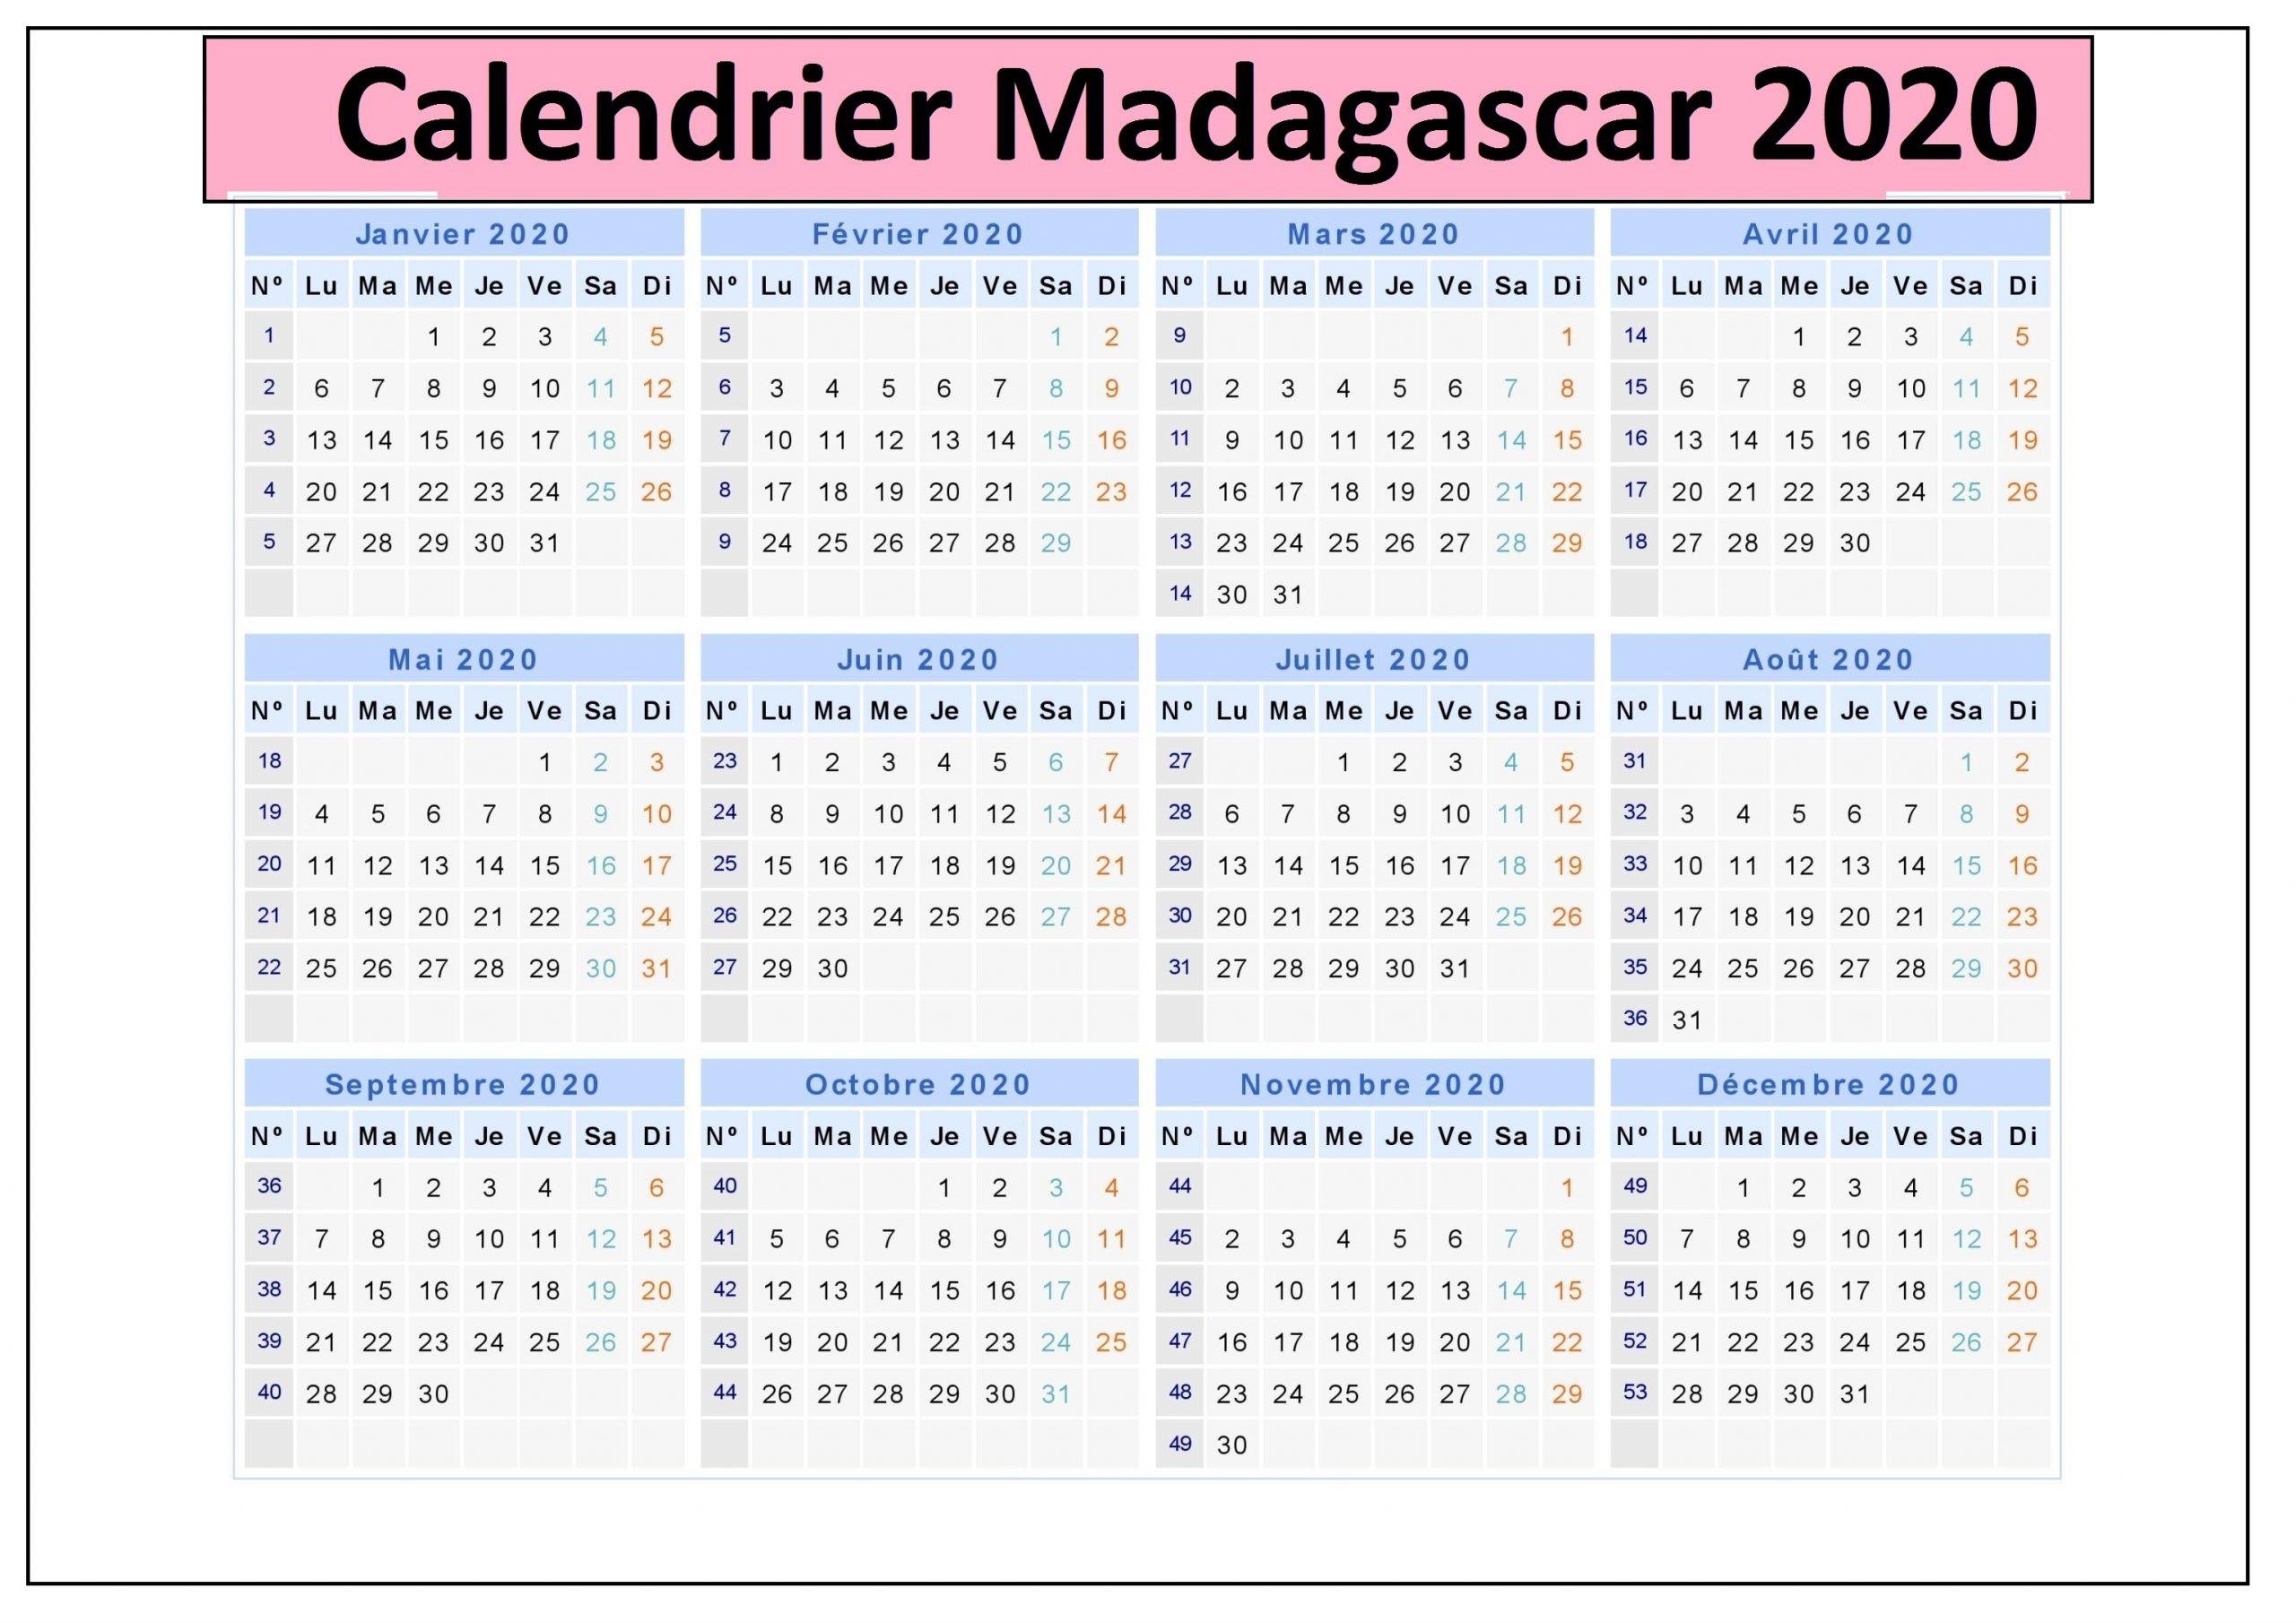 Calendrier Madagascar 2020 Jours fériés